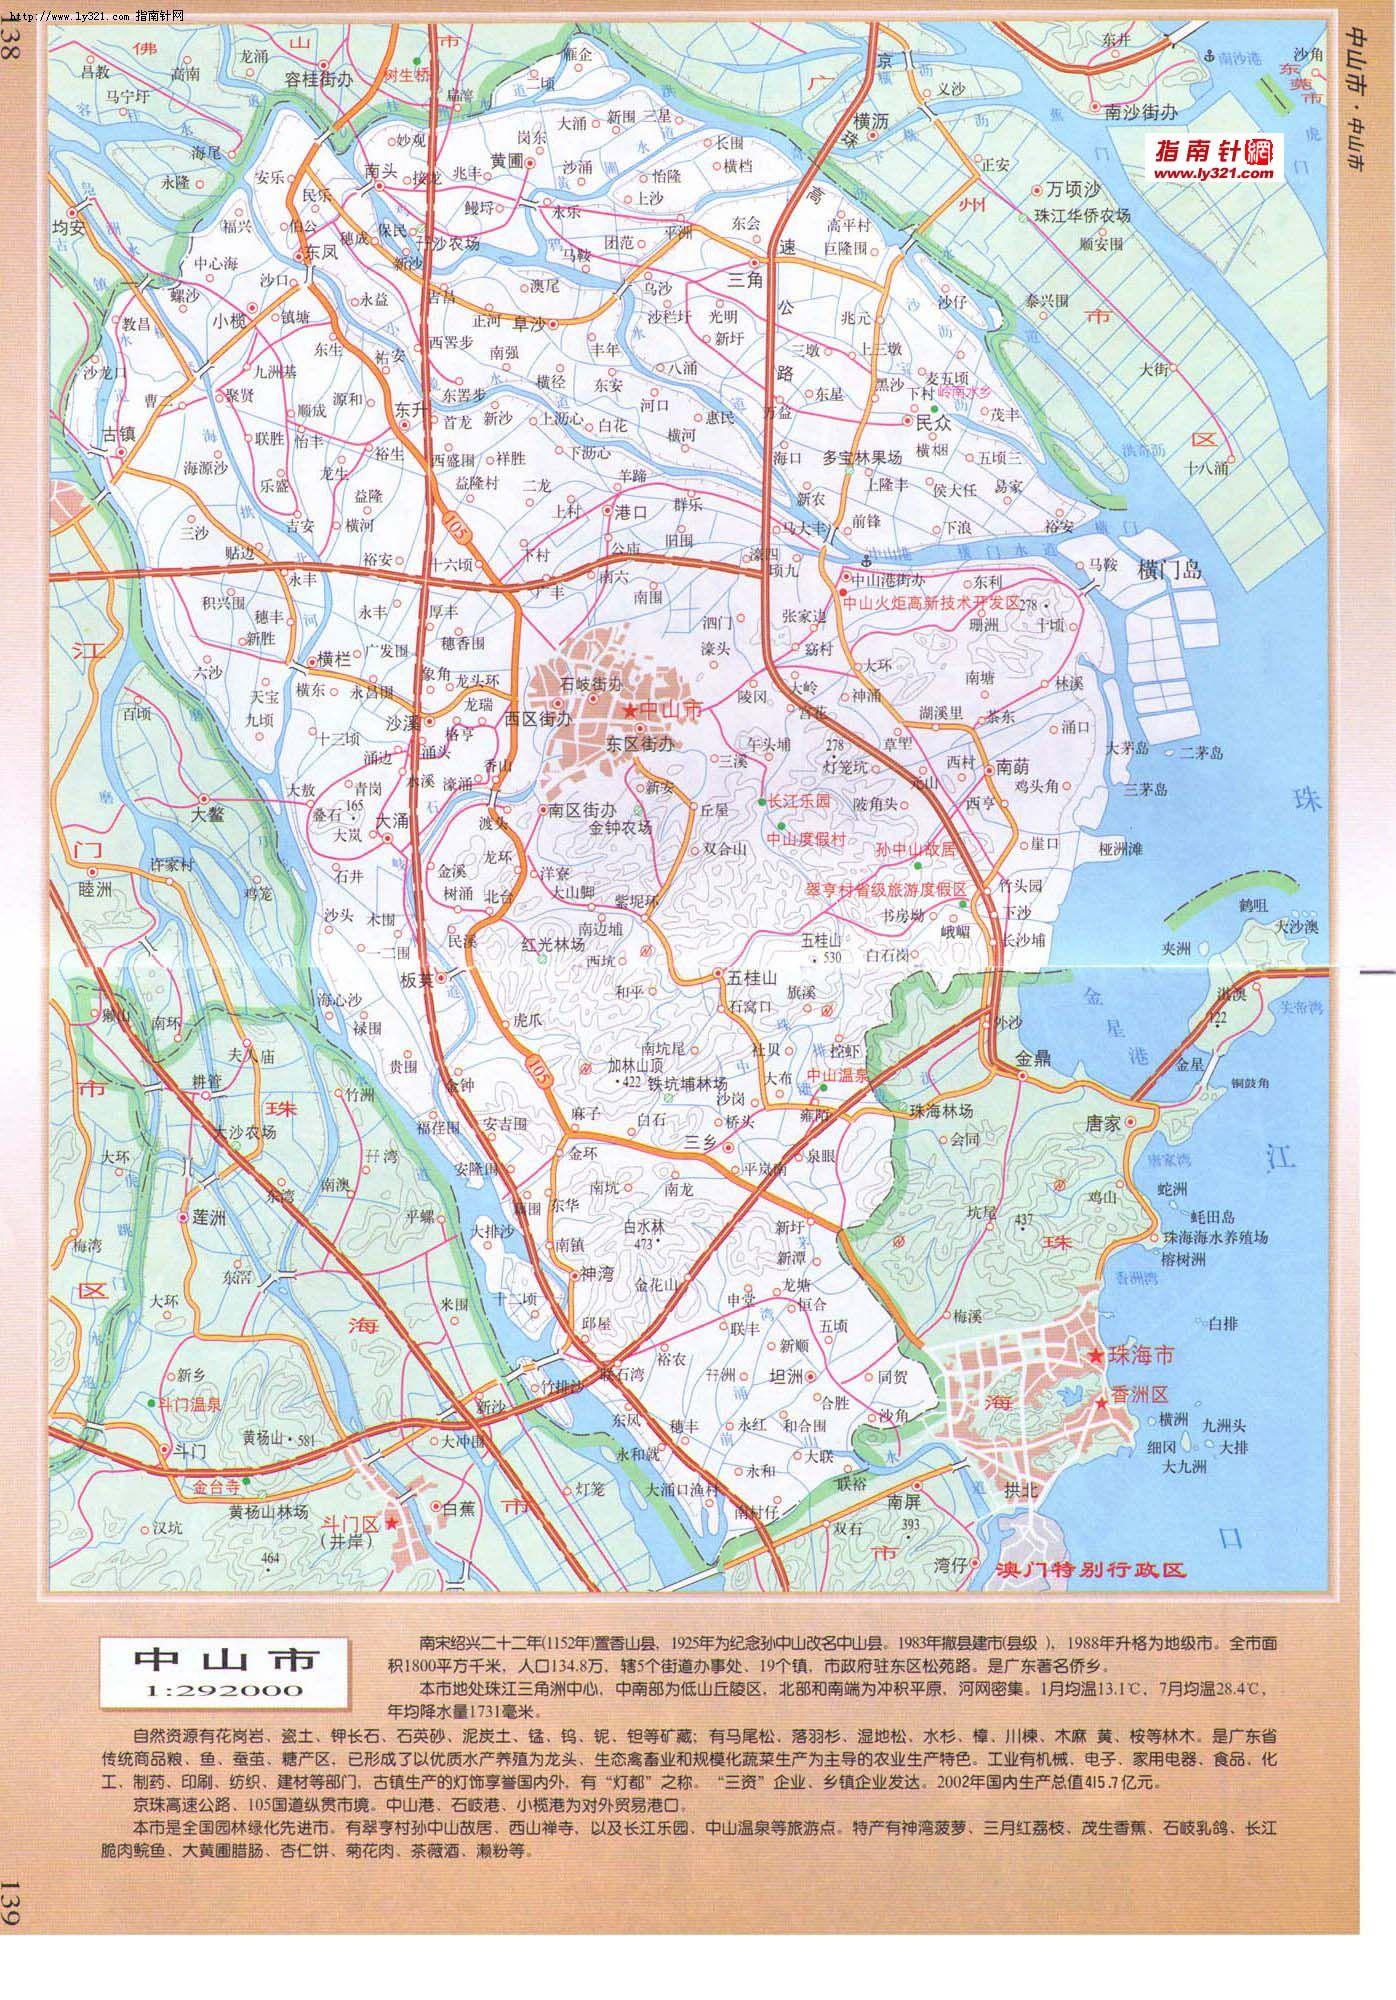 >> 中山政区地图